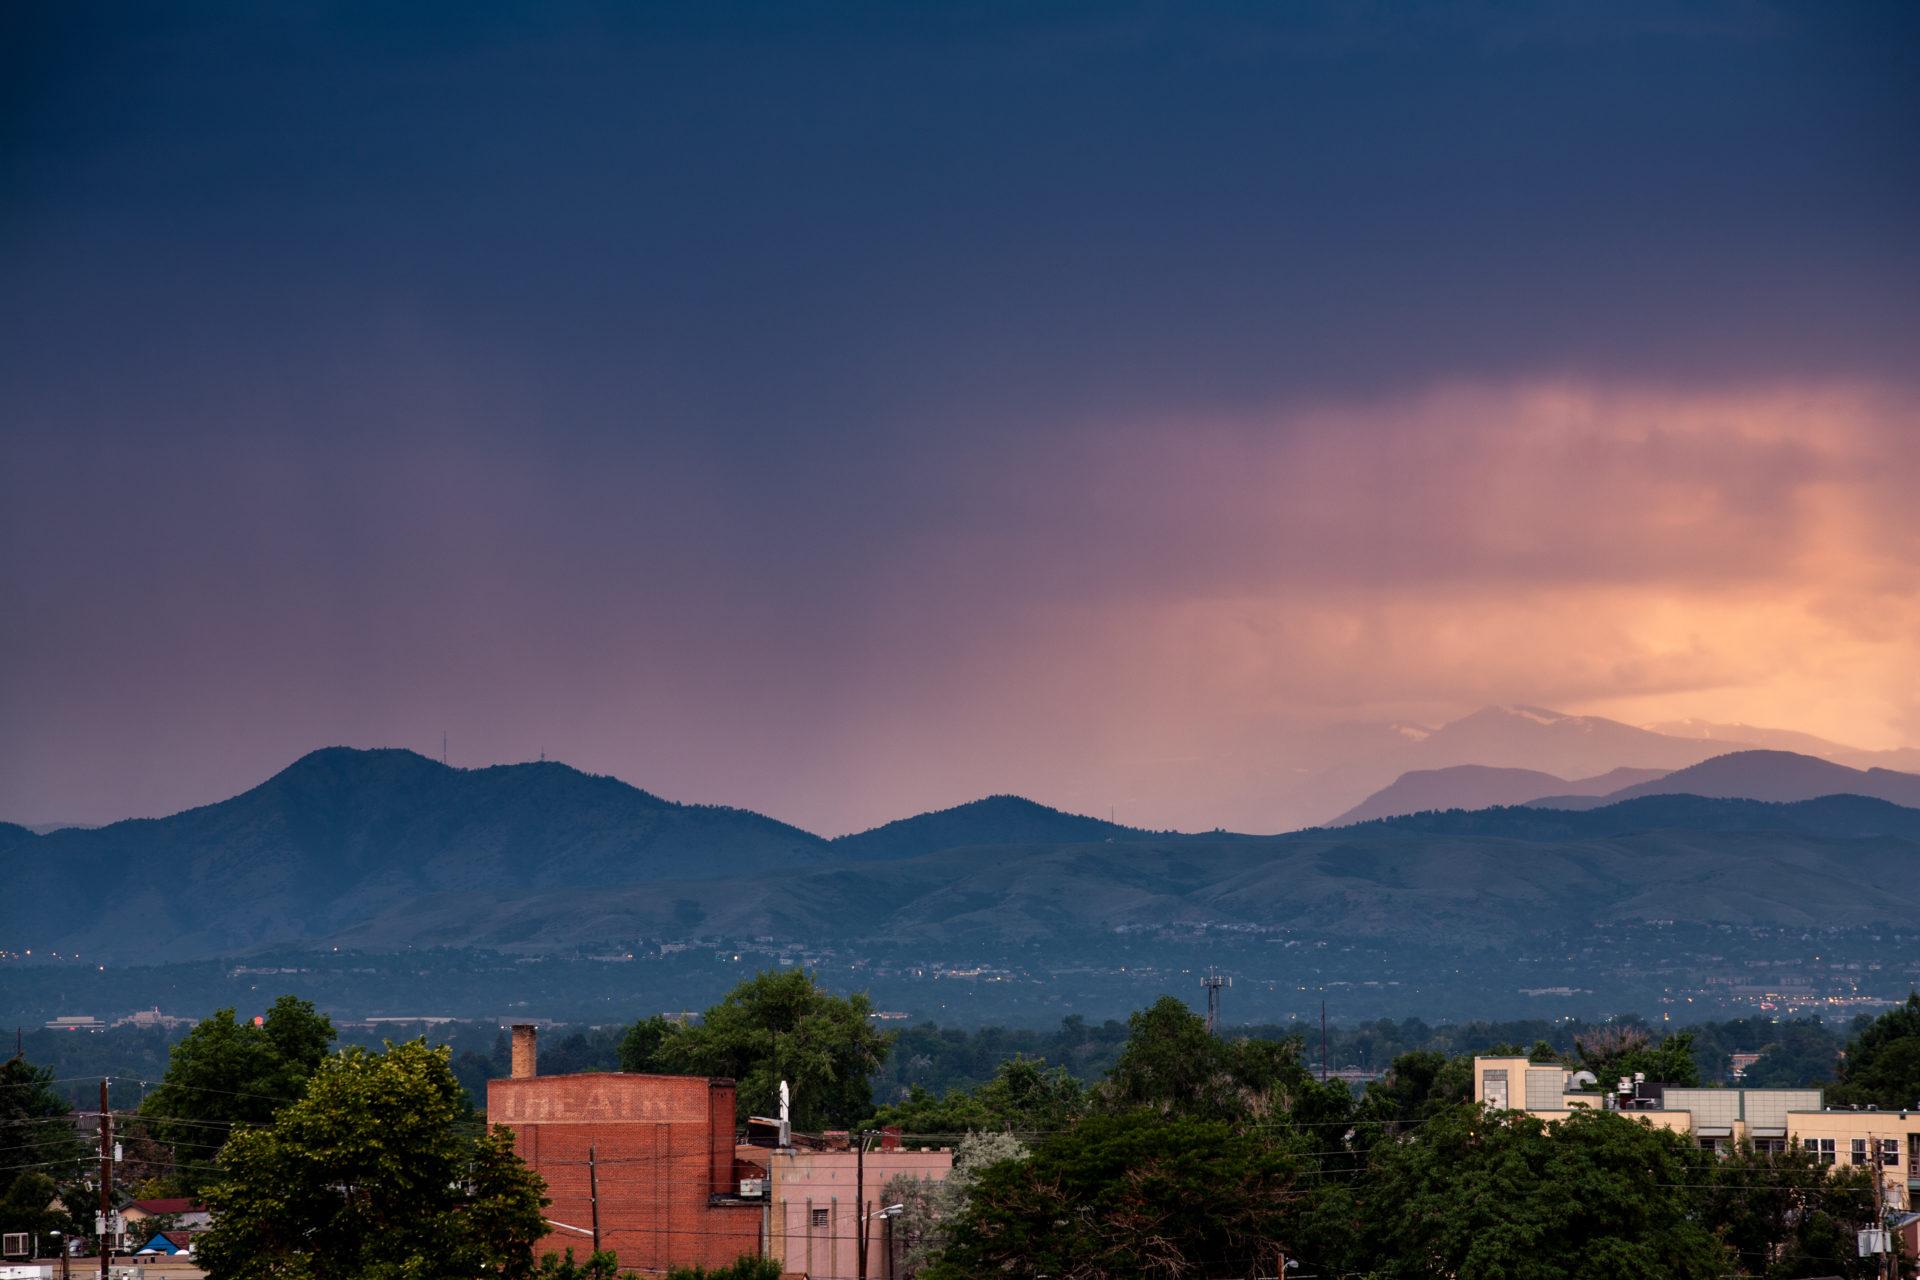 Mount Evans sunset - July 12, 2011